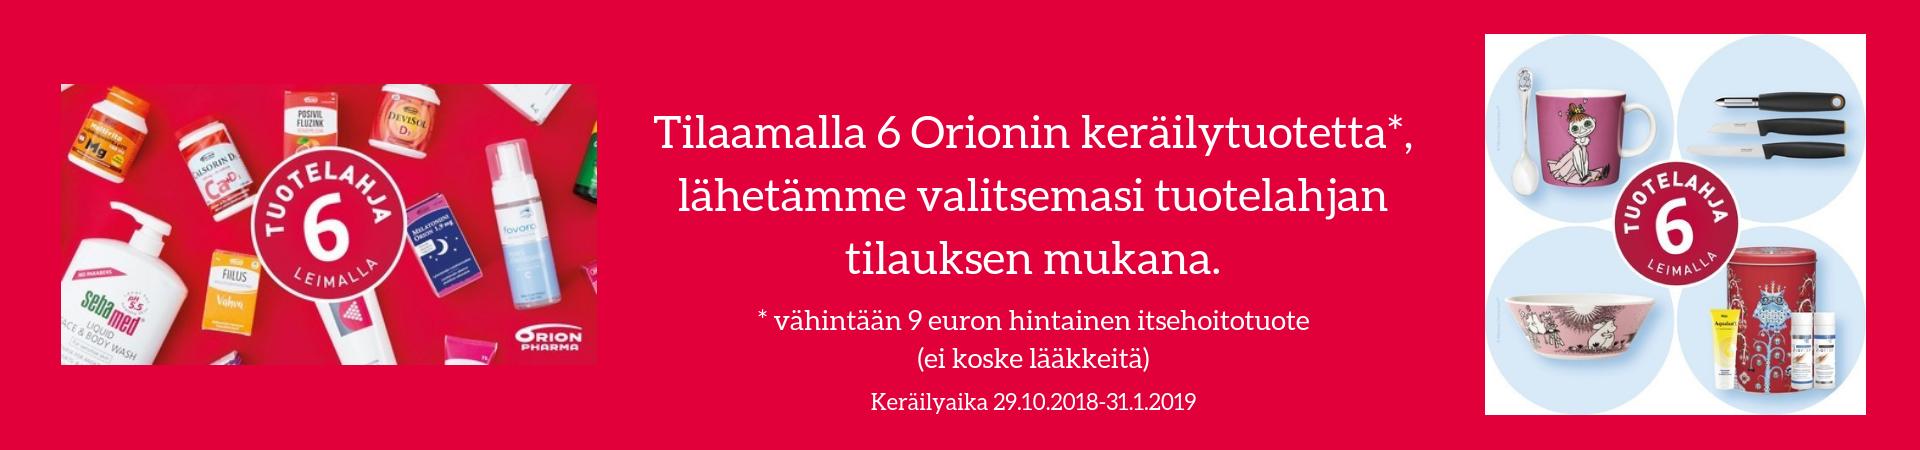 Orion keräilykampanja syksy 2018